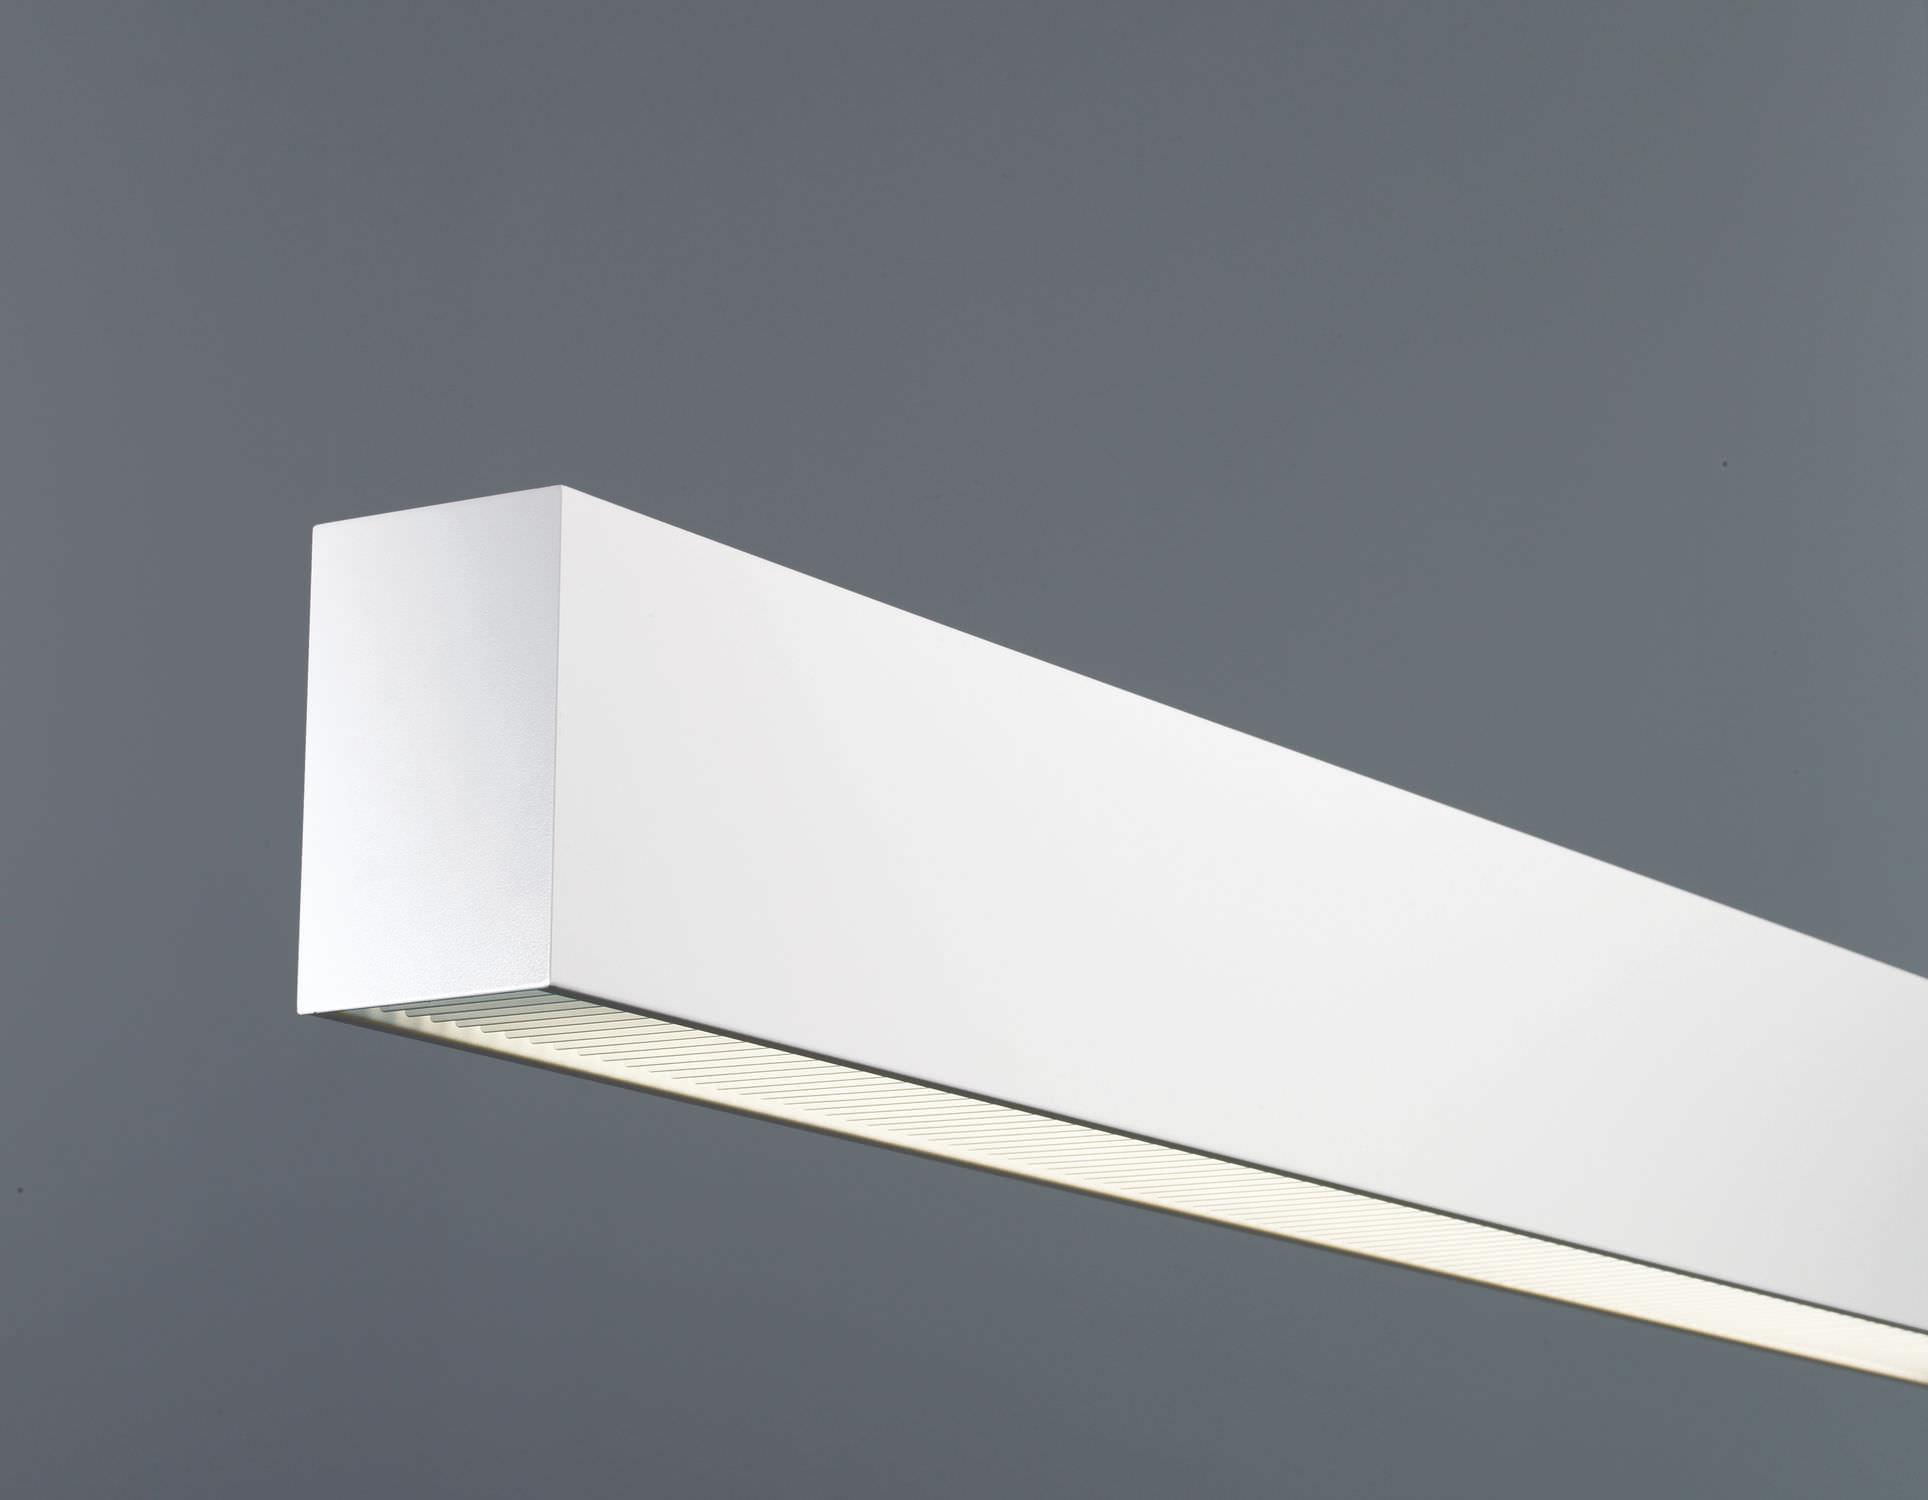 Luminaire Indirect dedans luminaire apparent / encastrable au mur / fluorescent / linéaire